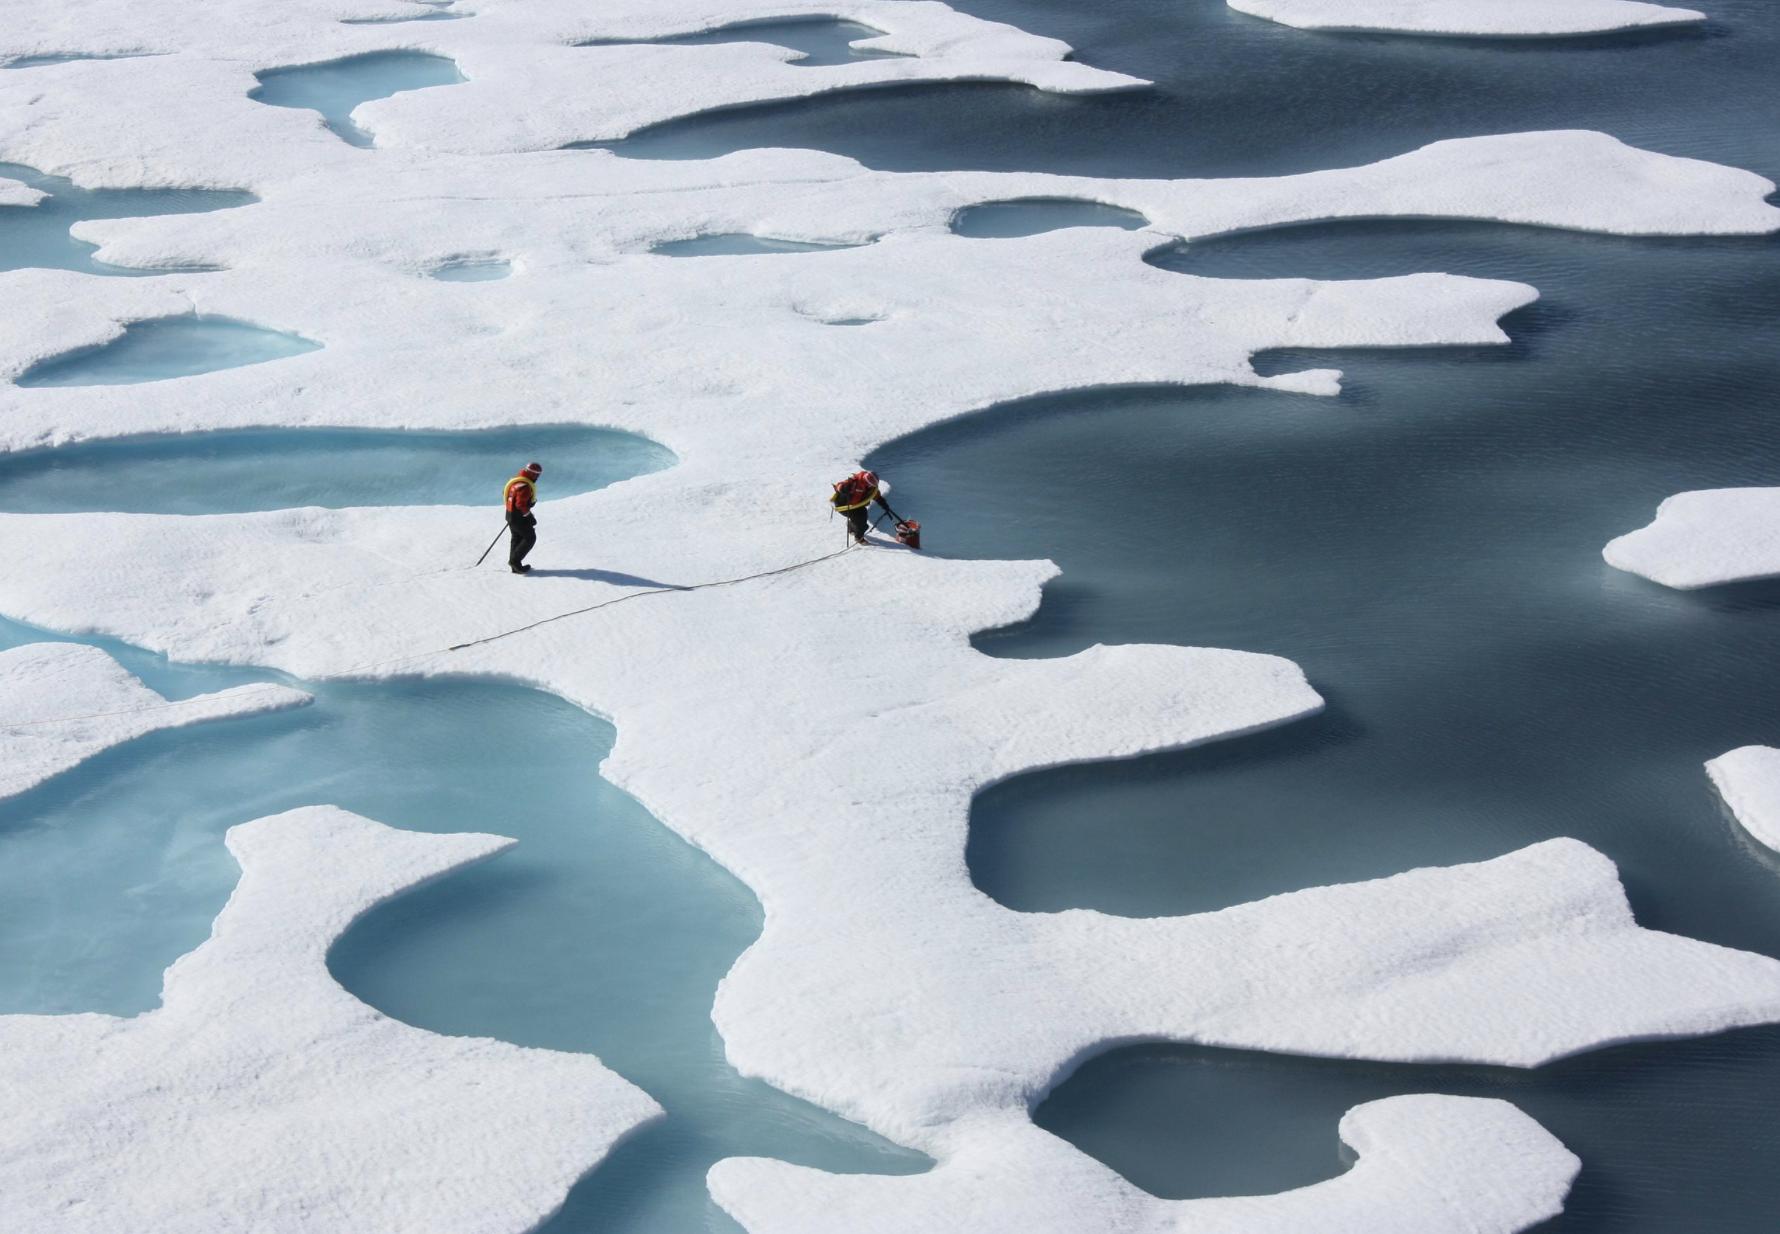 El hielo marino del Ártico desaparecería en cada verano desde el 2035